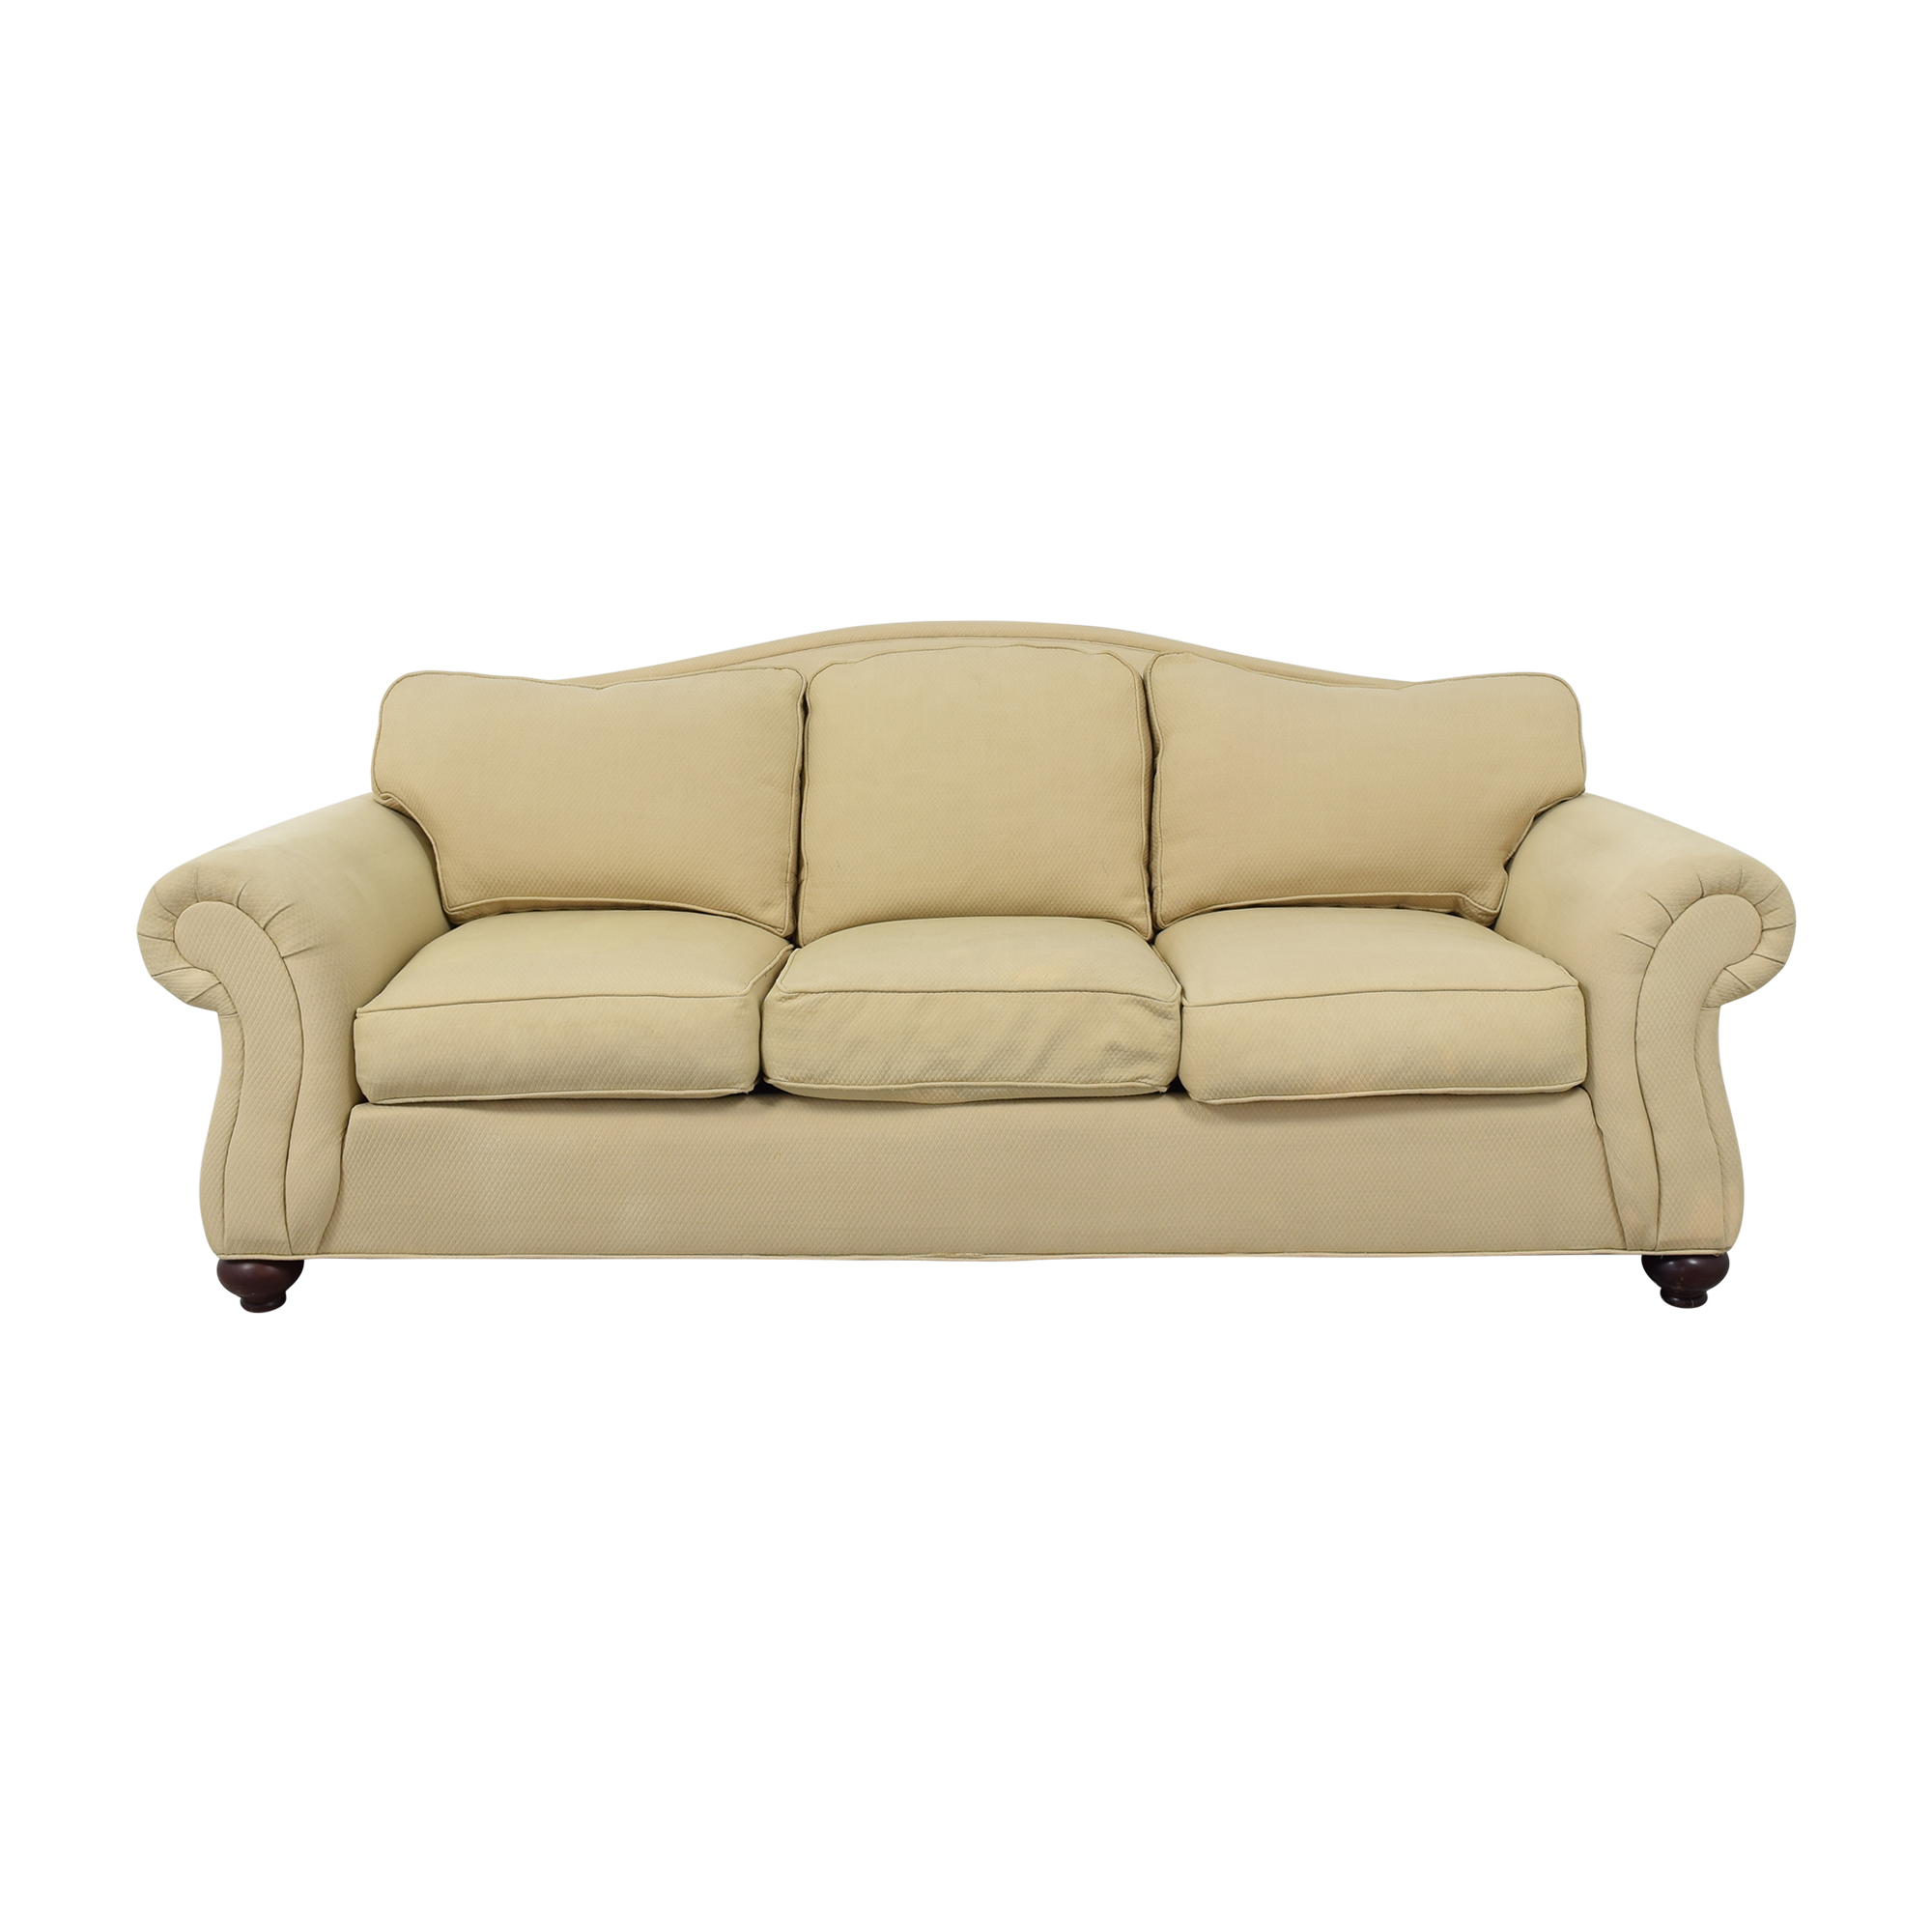 Ethan Allen Ethan Allen Roll Arm Sofa used